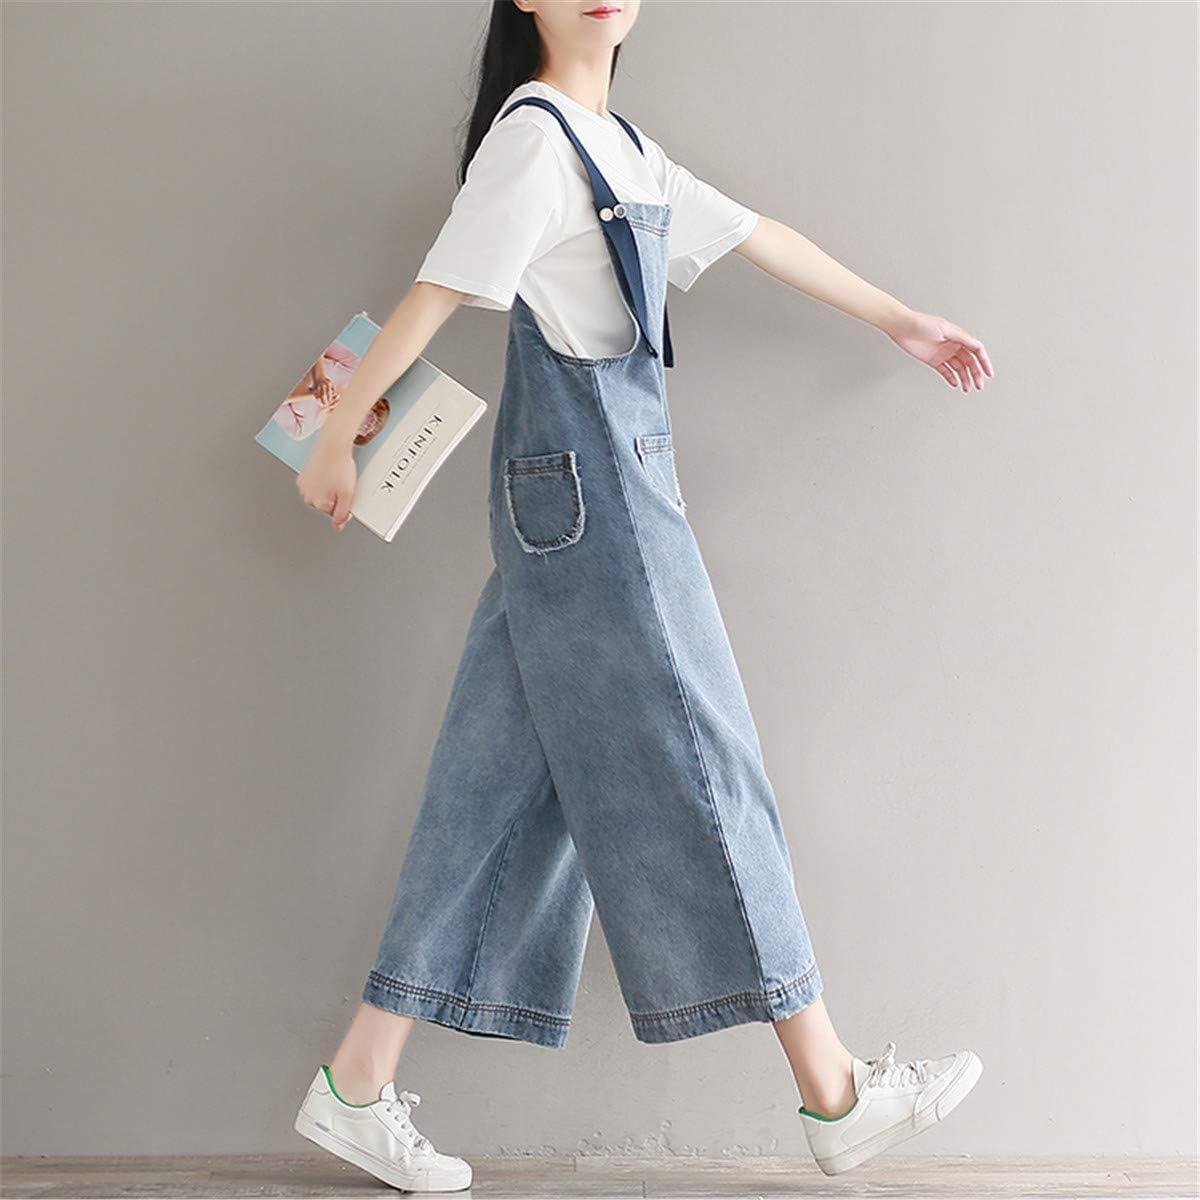 Morbuy Moda Jumpsuit Senza Maniche Colore Solido Pantalone di Jeans Tasche Overall Monopezzi Partito Playsuit Pantaloni Incinti Elegante Salopette da Buco Denim Donna Estiva